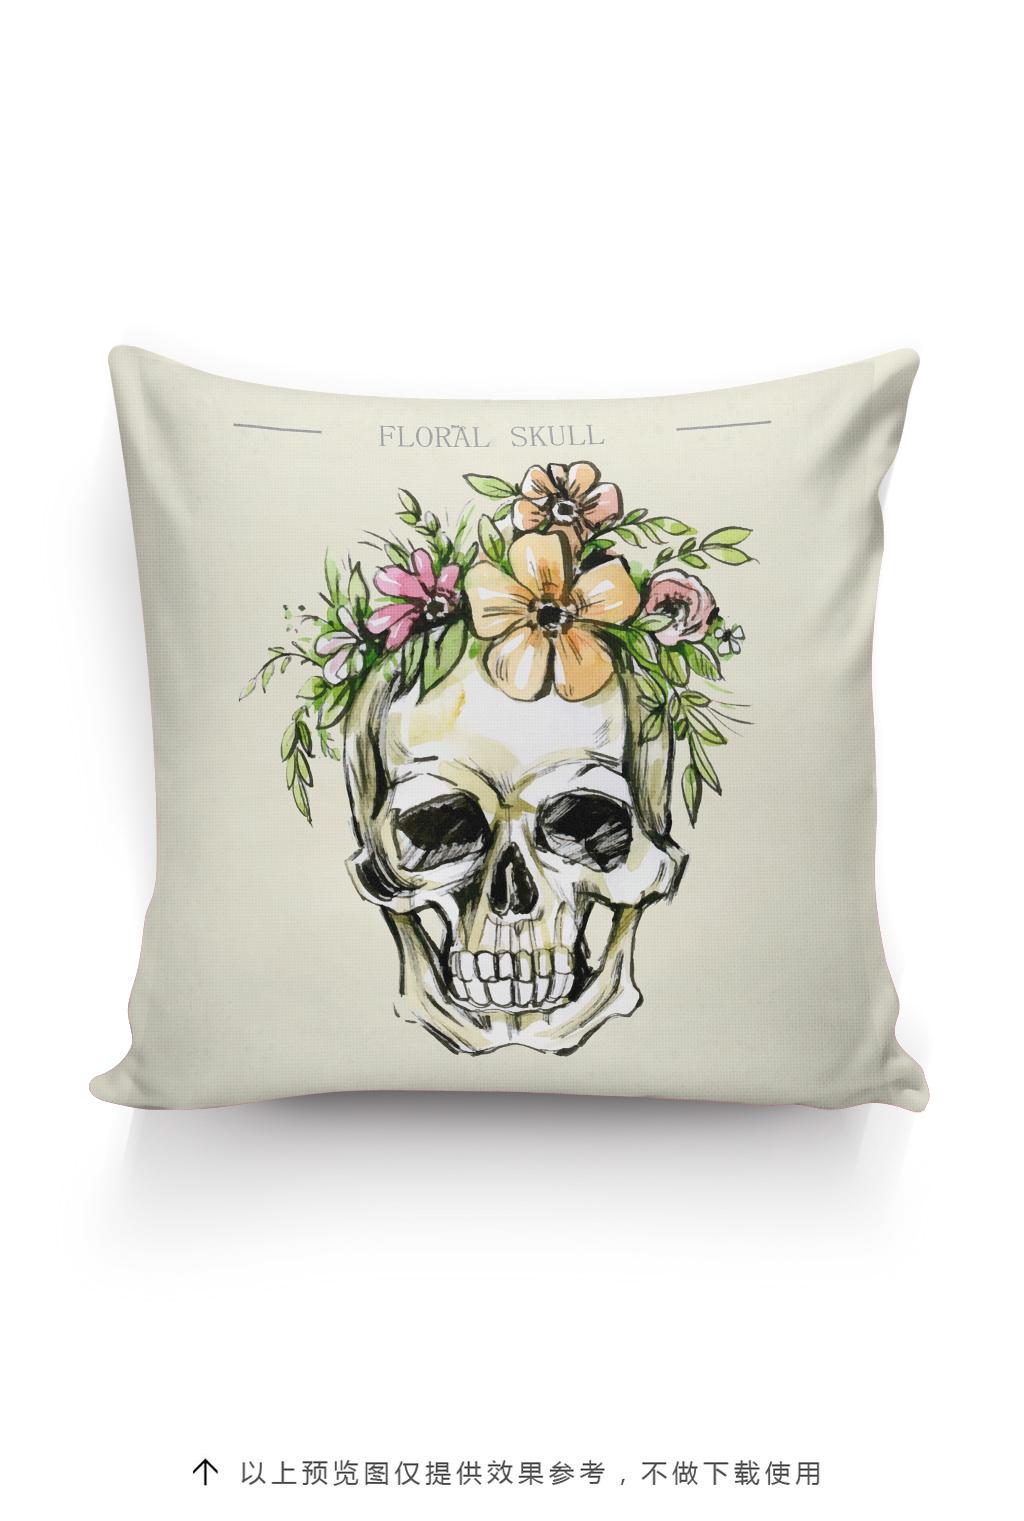 骷髅头抱枕图案设计手绘骷髅头插画花卉